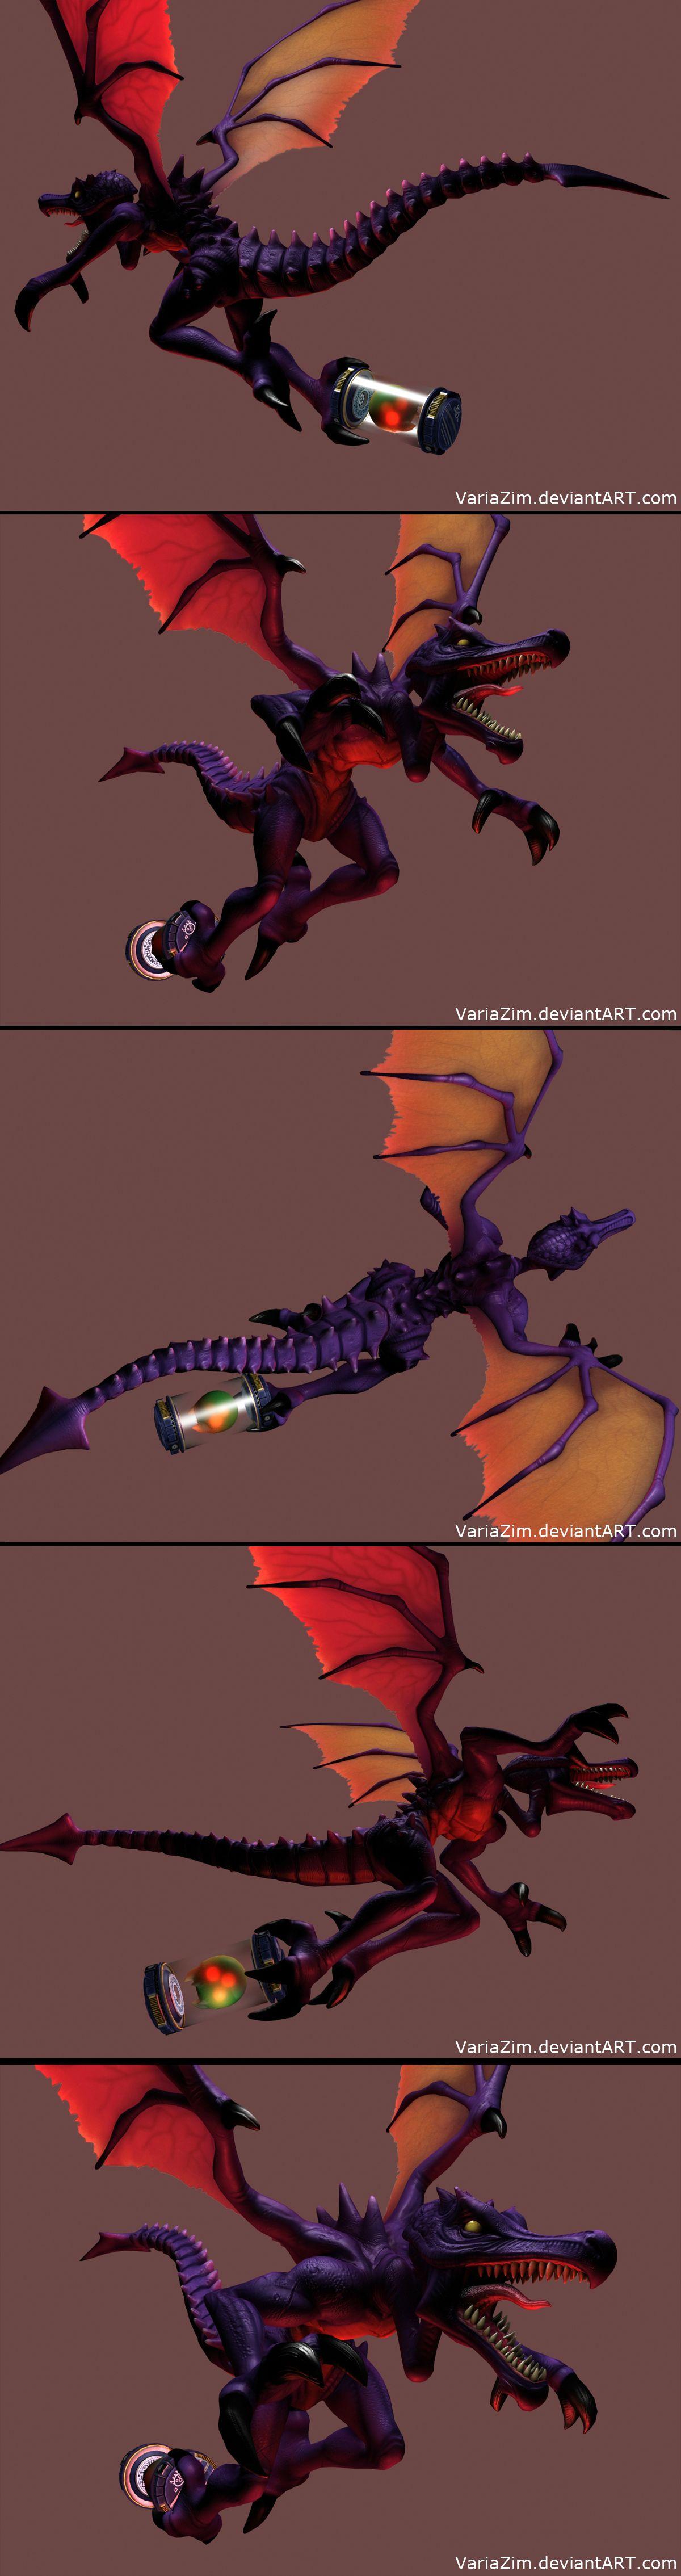 3D Model of Ridley via Reddit user PhazonZim Metroid